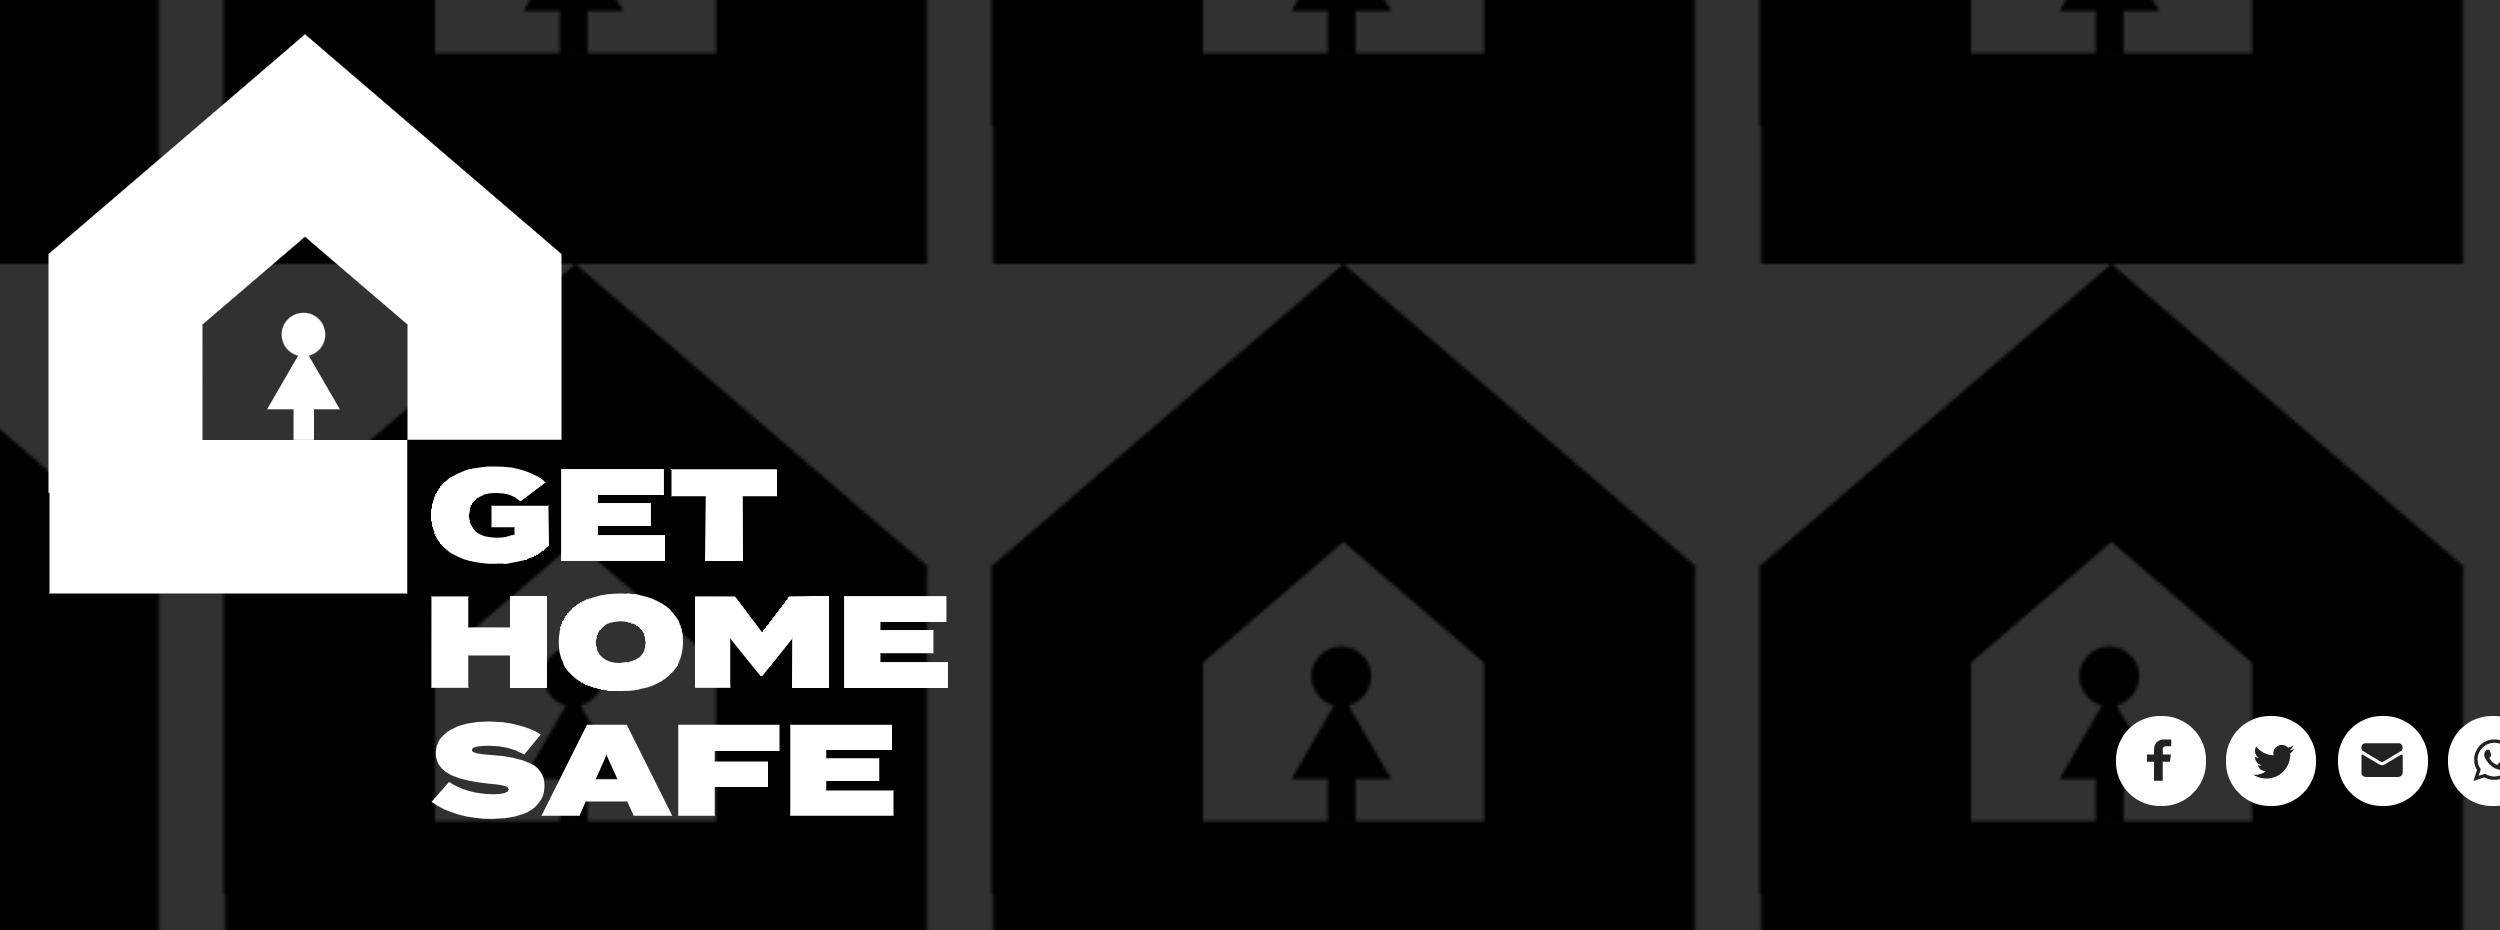 Get Home Safe logo